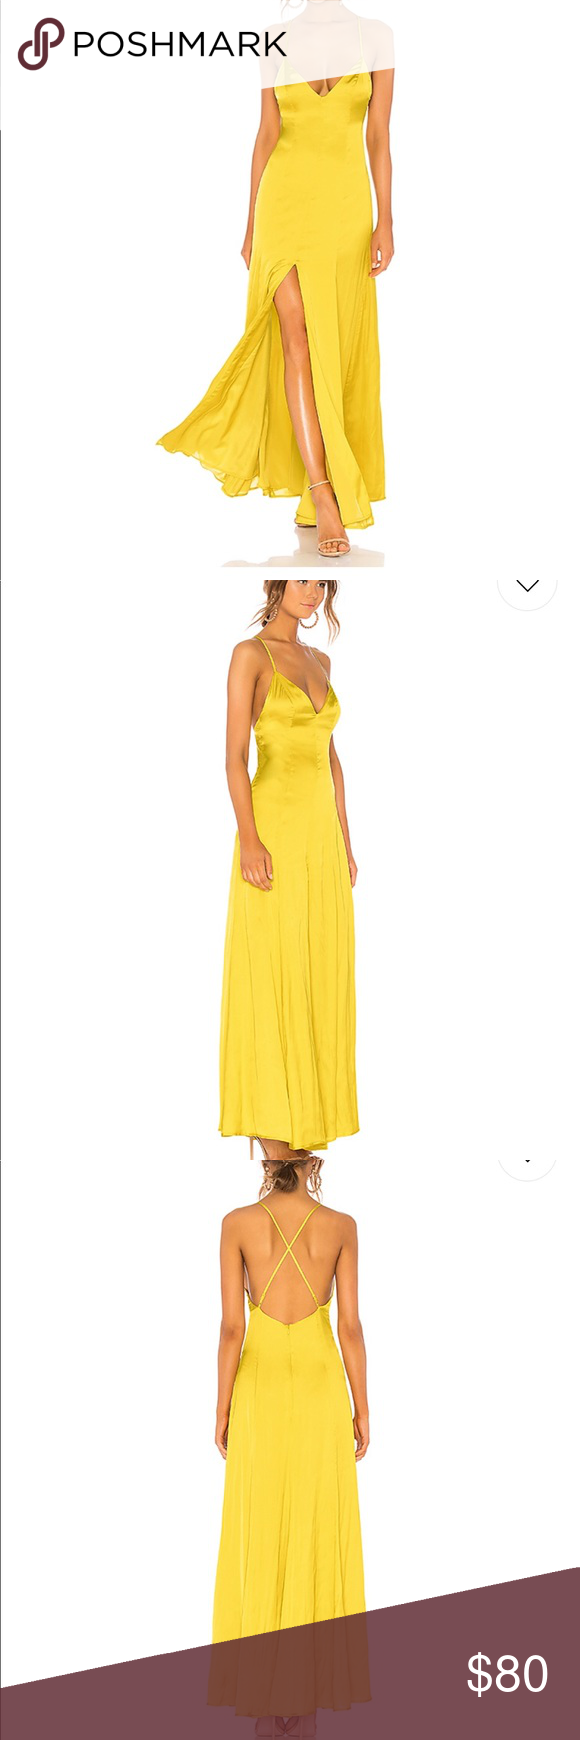 Lovers Friends Bermuda Dress Maxi Dress Revolve Revolve Dresses Bermuda Dress Dresses